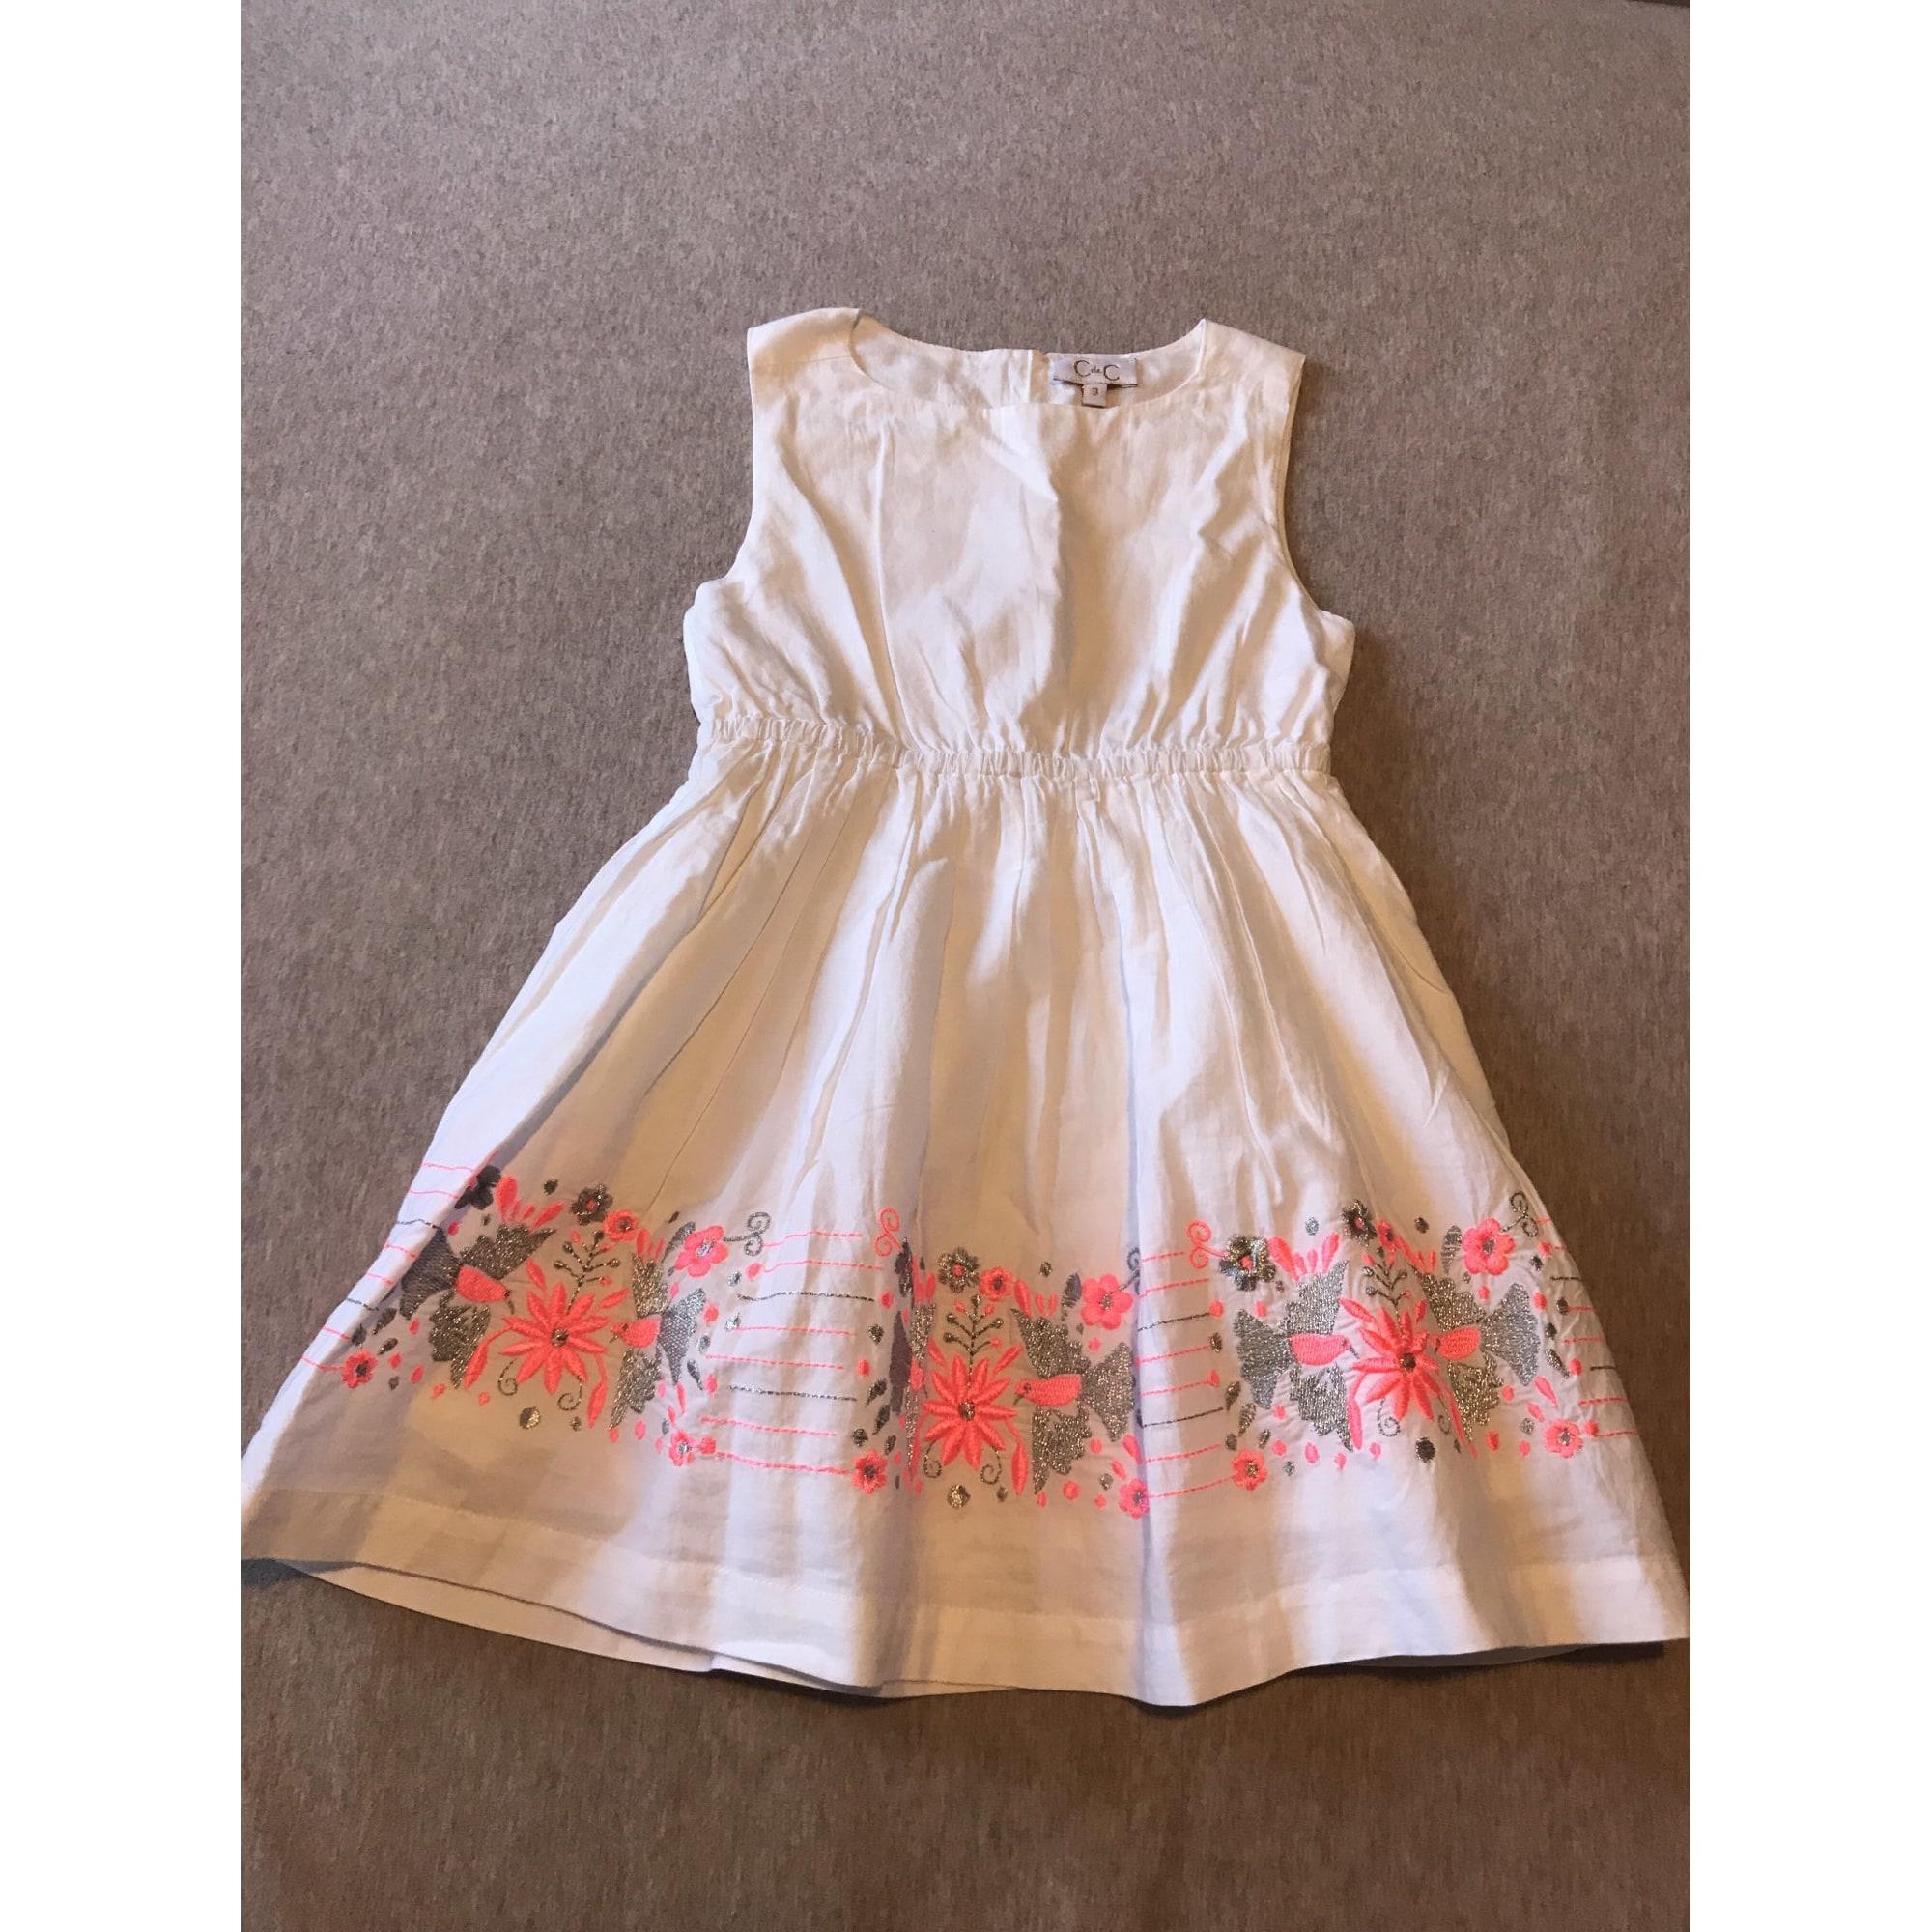 Robe C DE C BY CORDELIA DE CASTELLANE coton blanc 3-4 ans